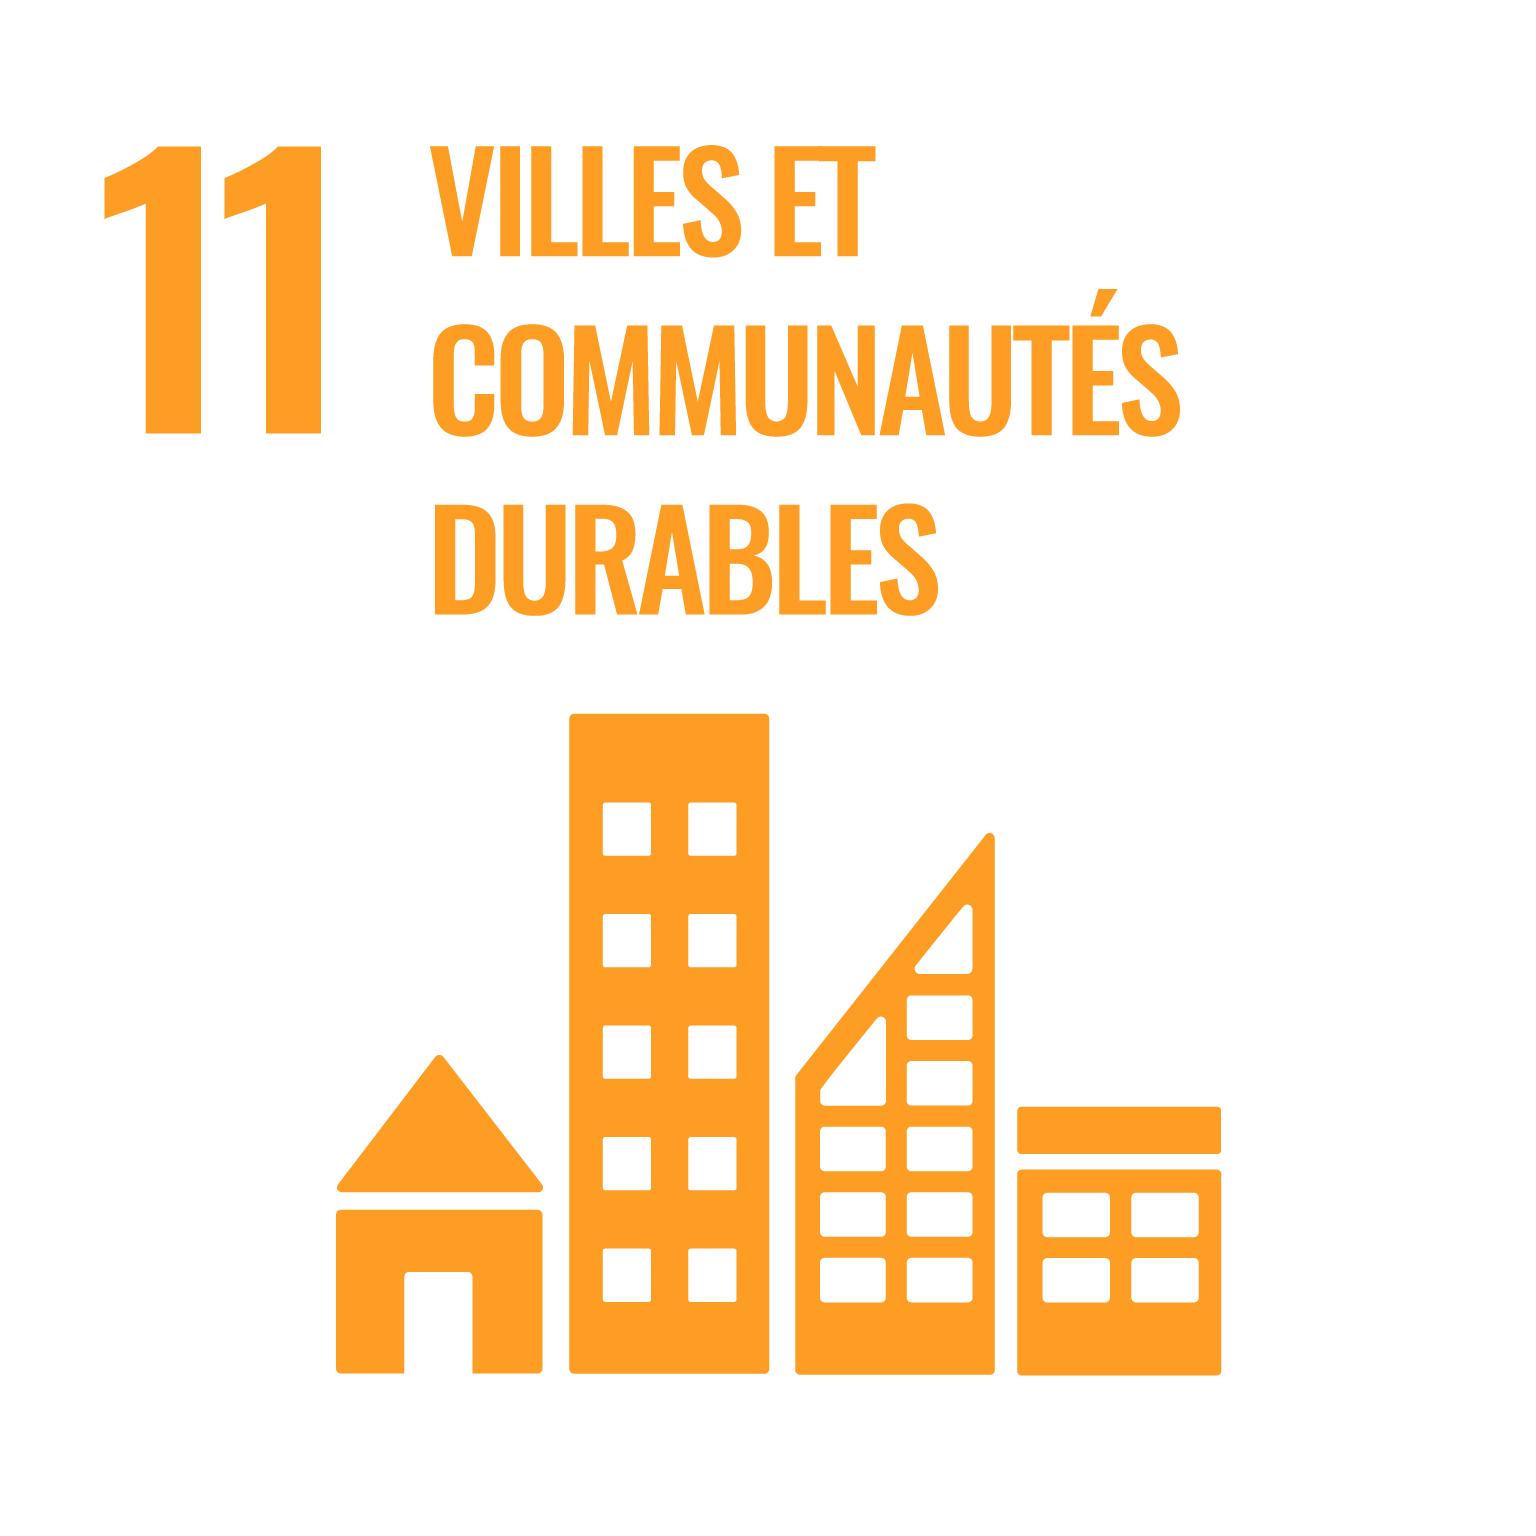 villes et communautés durables.